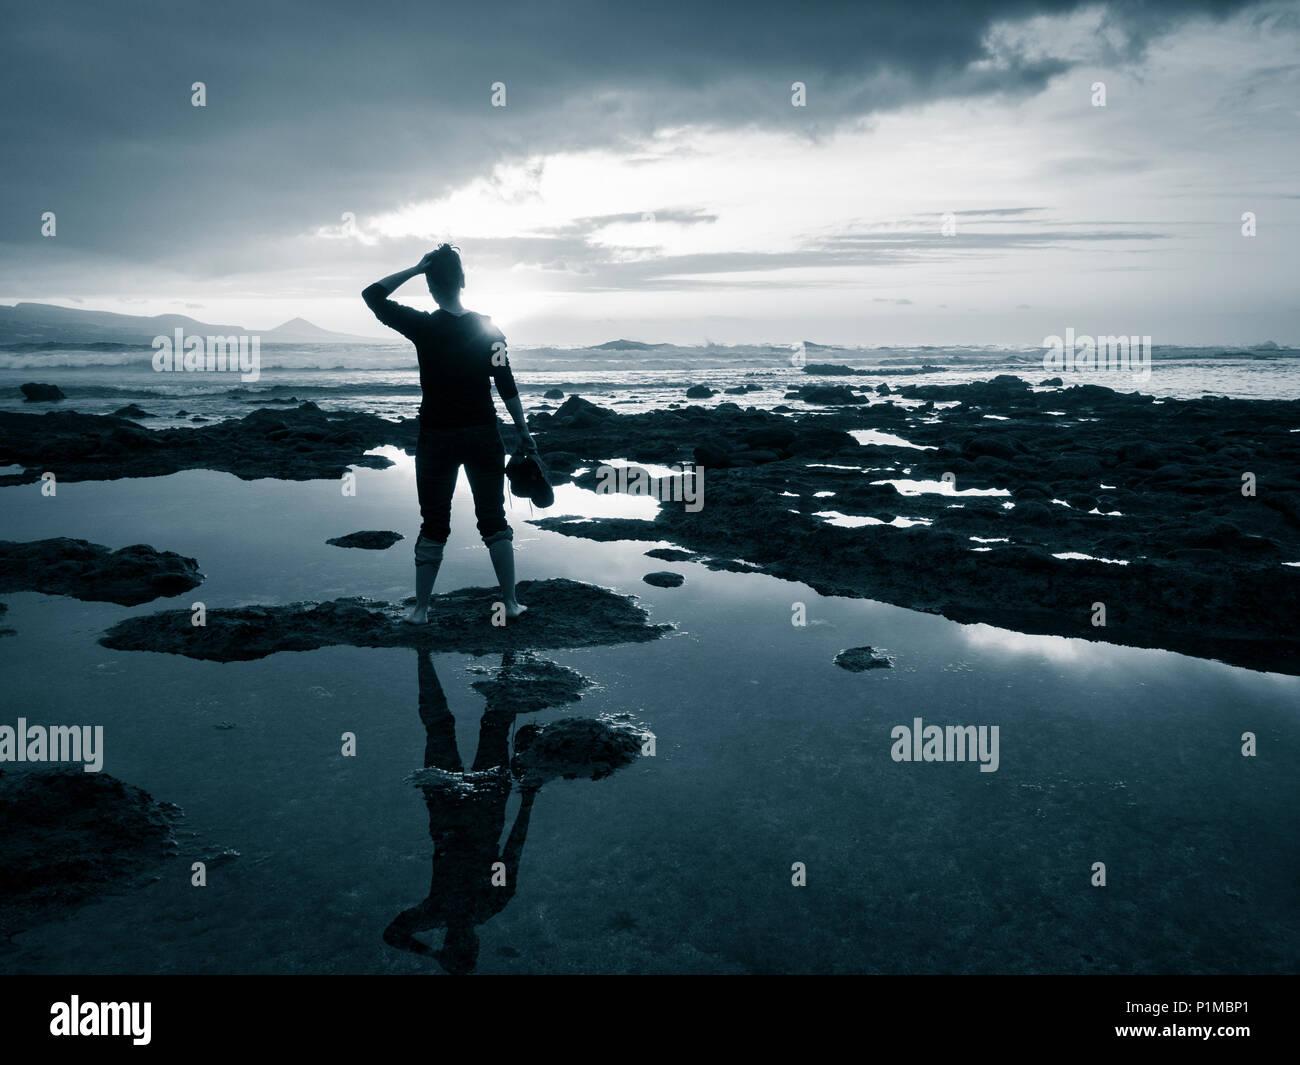 Ansicht der Rückseite des woman holding Schuhe mit Meerblick bei Sonnenuntergang: Meditation, psychische Gesundheit, Einsamkeit, Freiheit, Depression.. Konzept Bild Stockbild